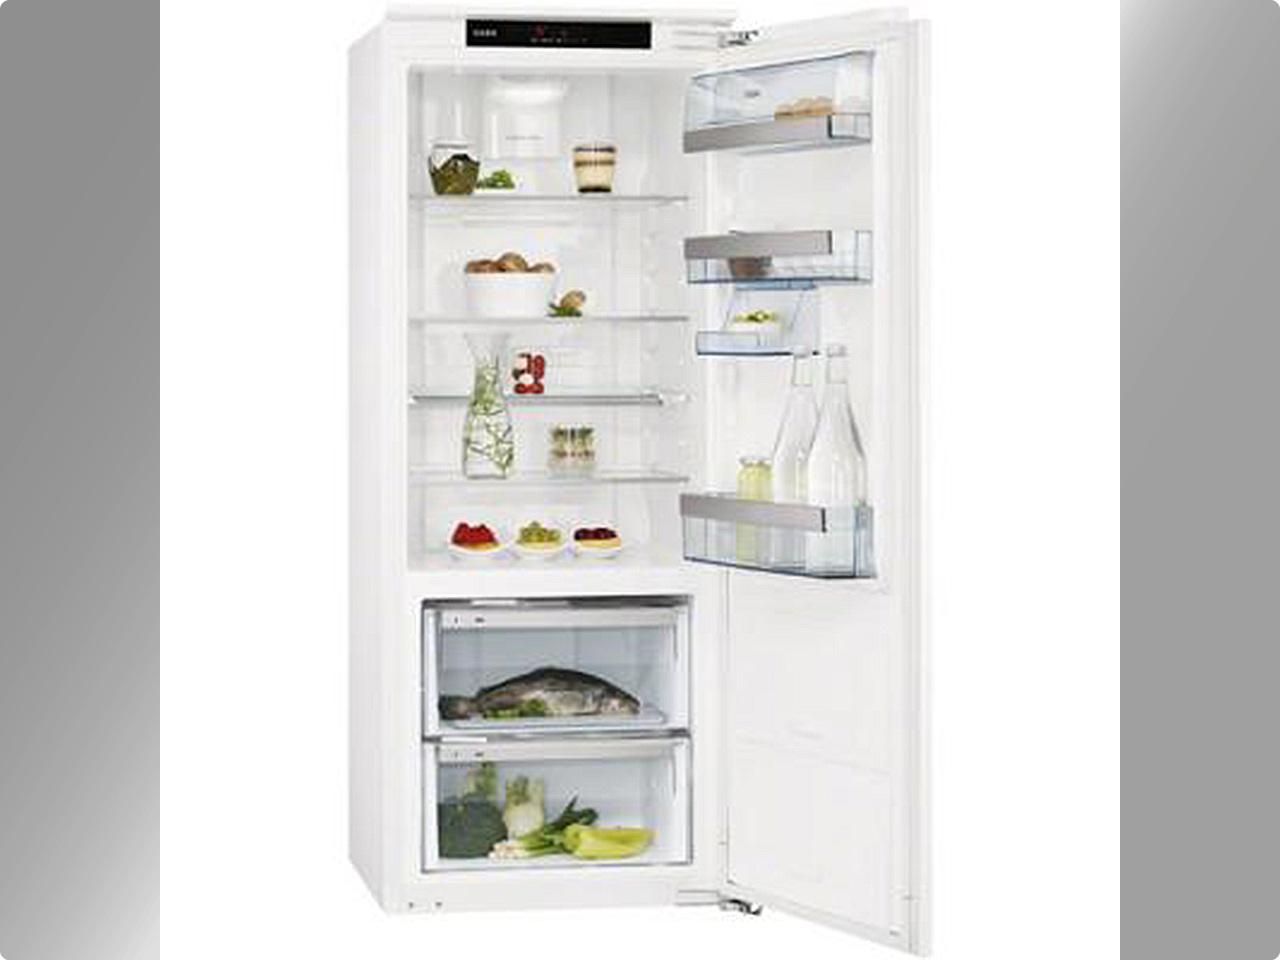 Aeg Unterbau Kühlschrank Dekorfähig : Aeg unterbau kühlschrank dekorfähig: liebherr integrierbarer